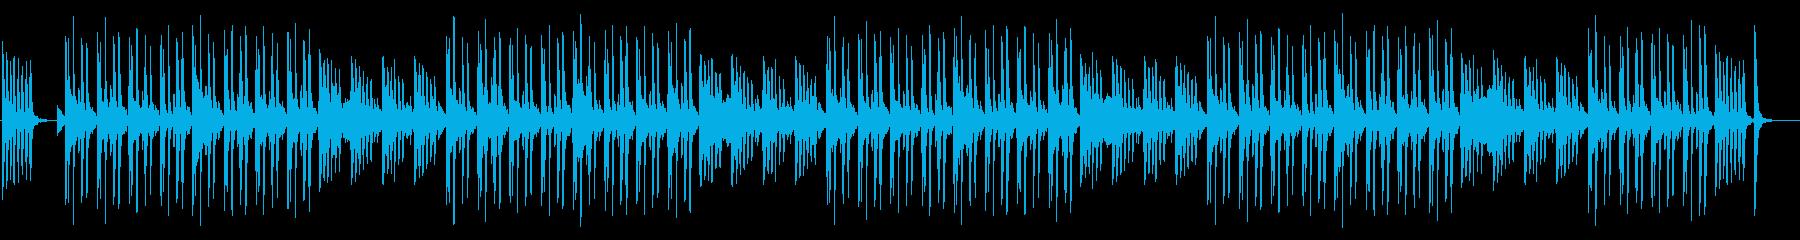 アフリカンマリンバの可愛らしい曲の再生済みの波形